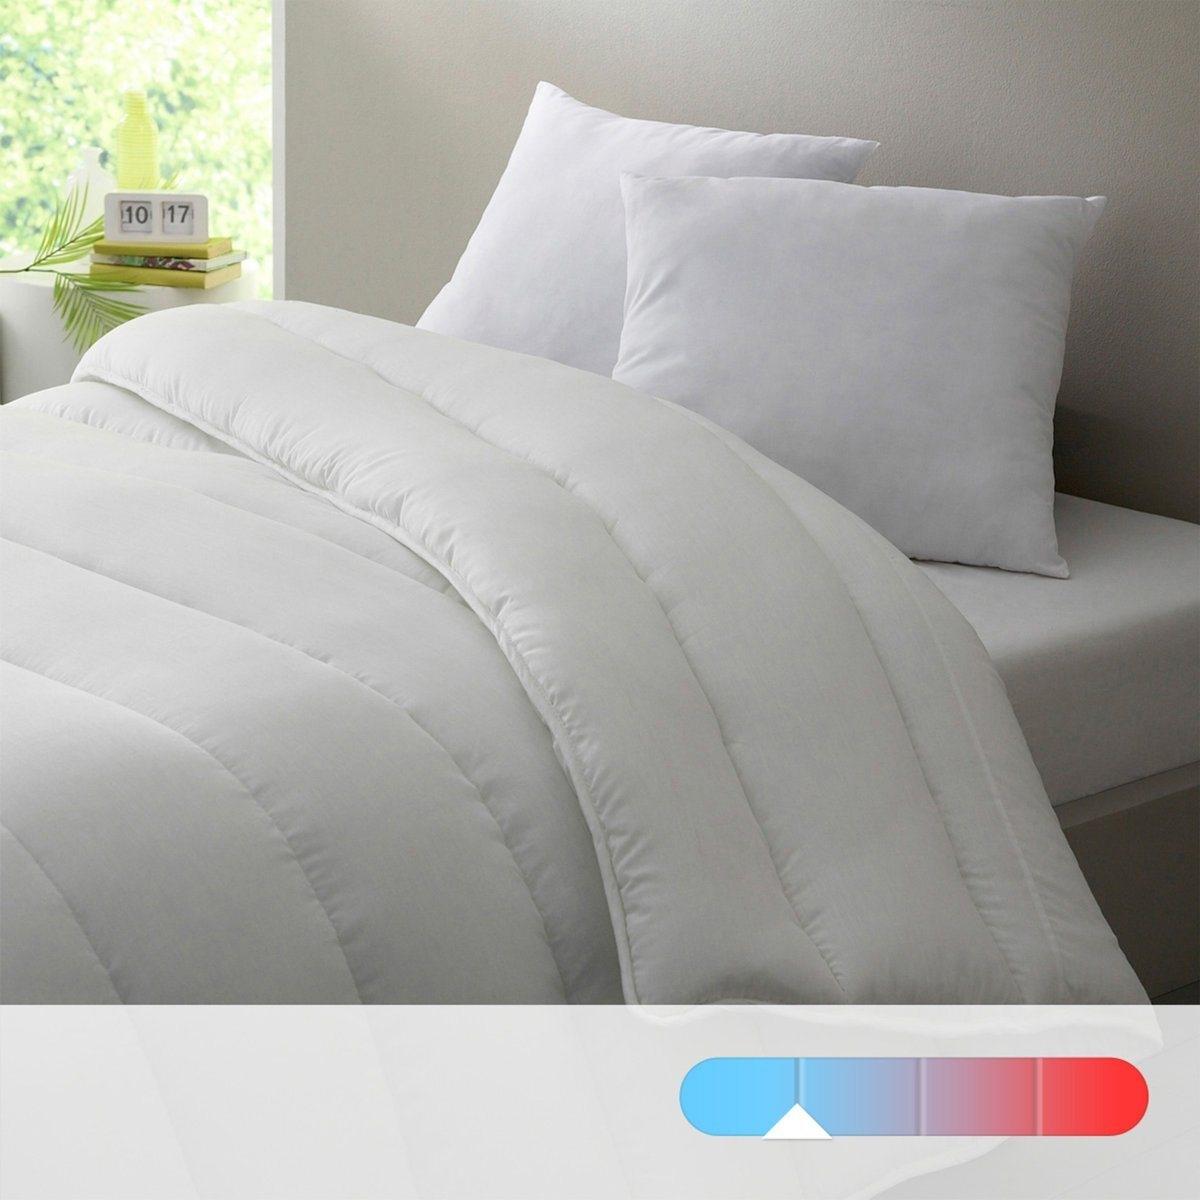 Одеяло с обработкой, 175 г/м?Превосходное соотношение цена/качество! Чехол из 100% полиэстера. Отделка кантом. Наполнитель: полые силиконизированные волокна полиэстера с обработкой SANITIZED против клещей. 175 г/м?, идеально подходит для отапливаемых помещений с температурой 20° и более. Стирка при 30°.<br><br>Цвет: белый<br>Размер: 75 x 120  см